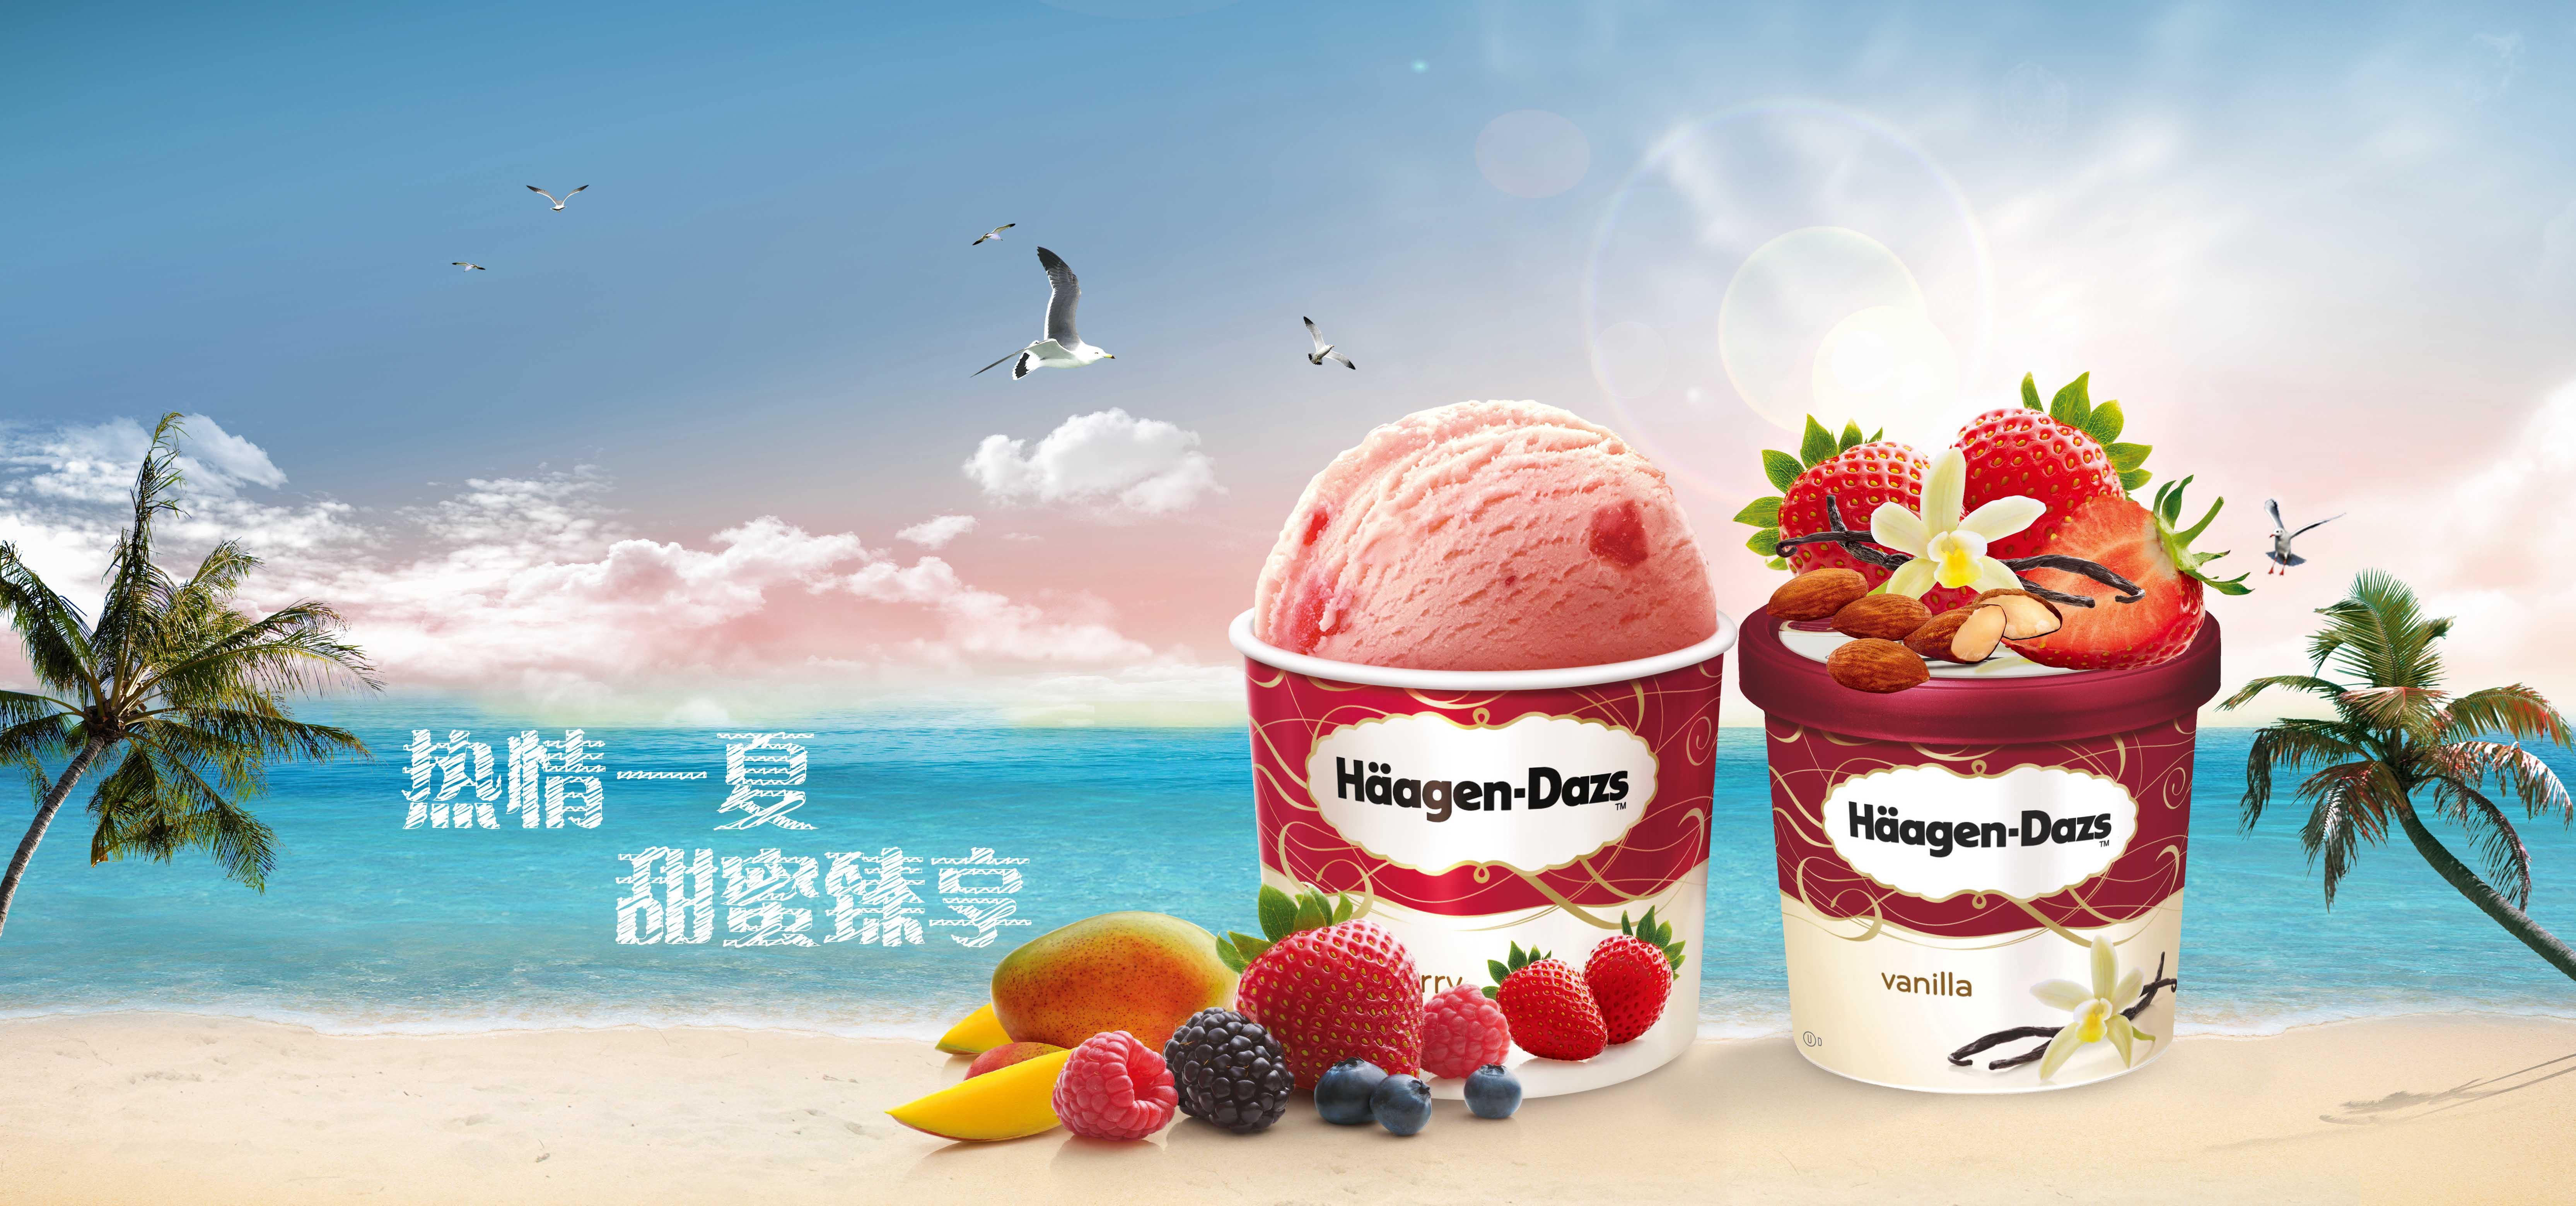 哈根达斯夏日冰淇淋节包装封面图片